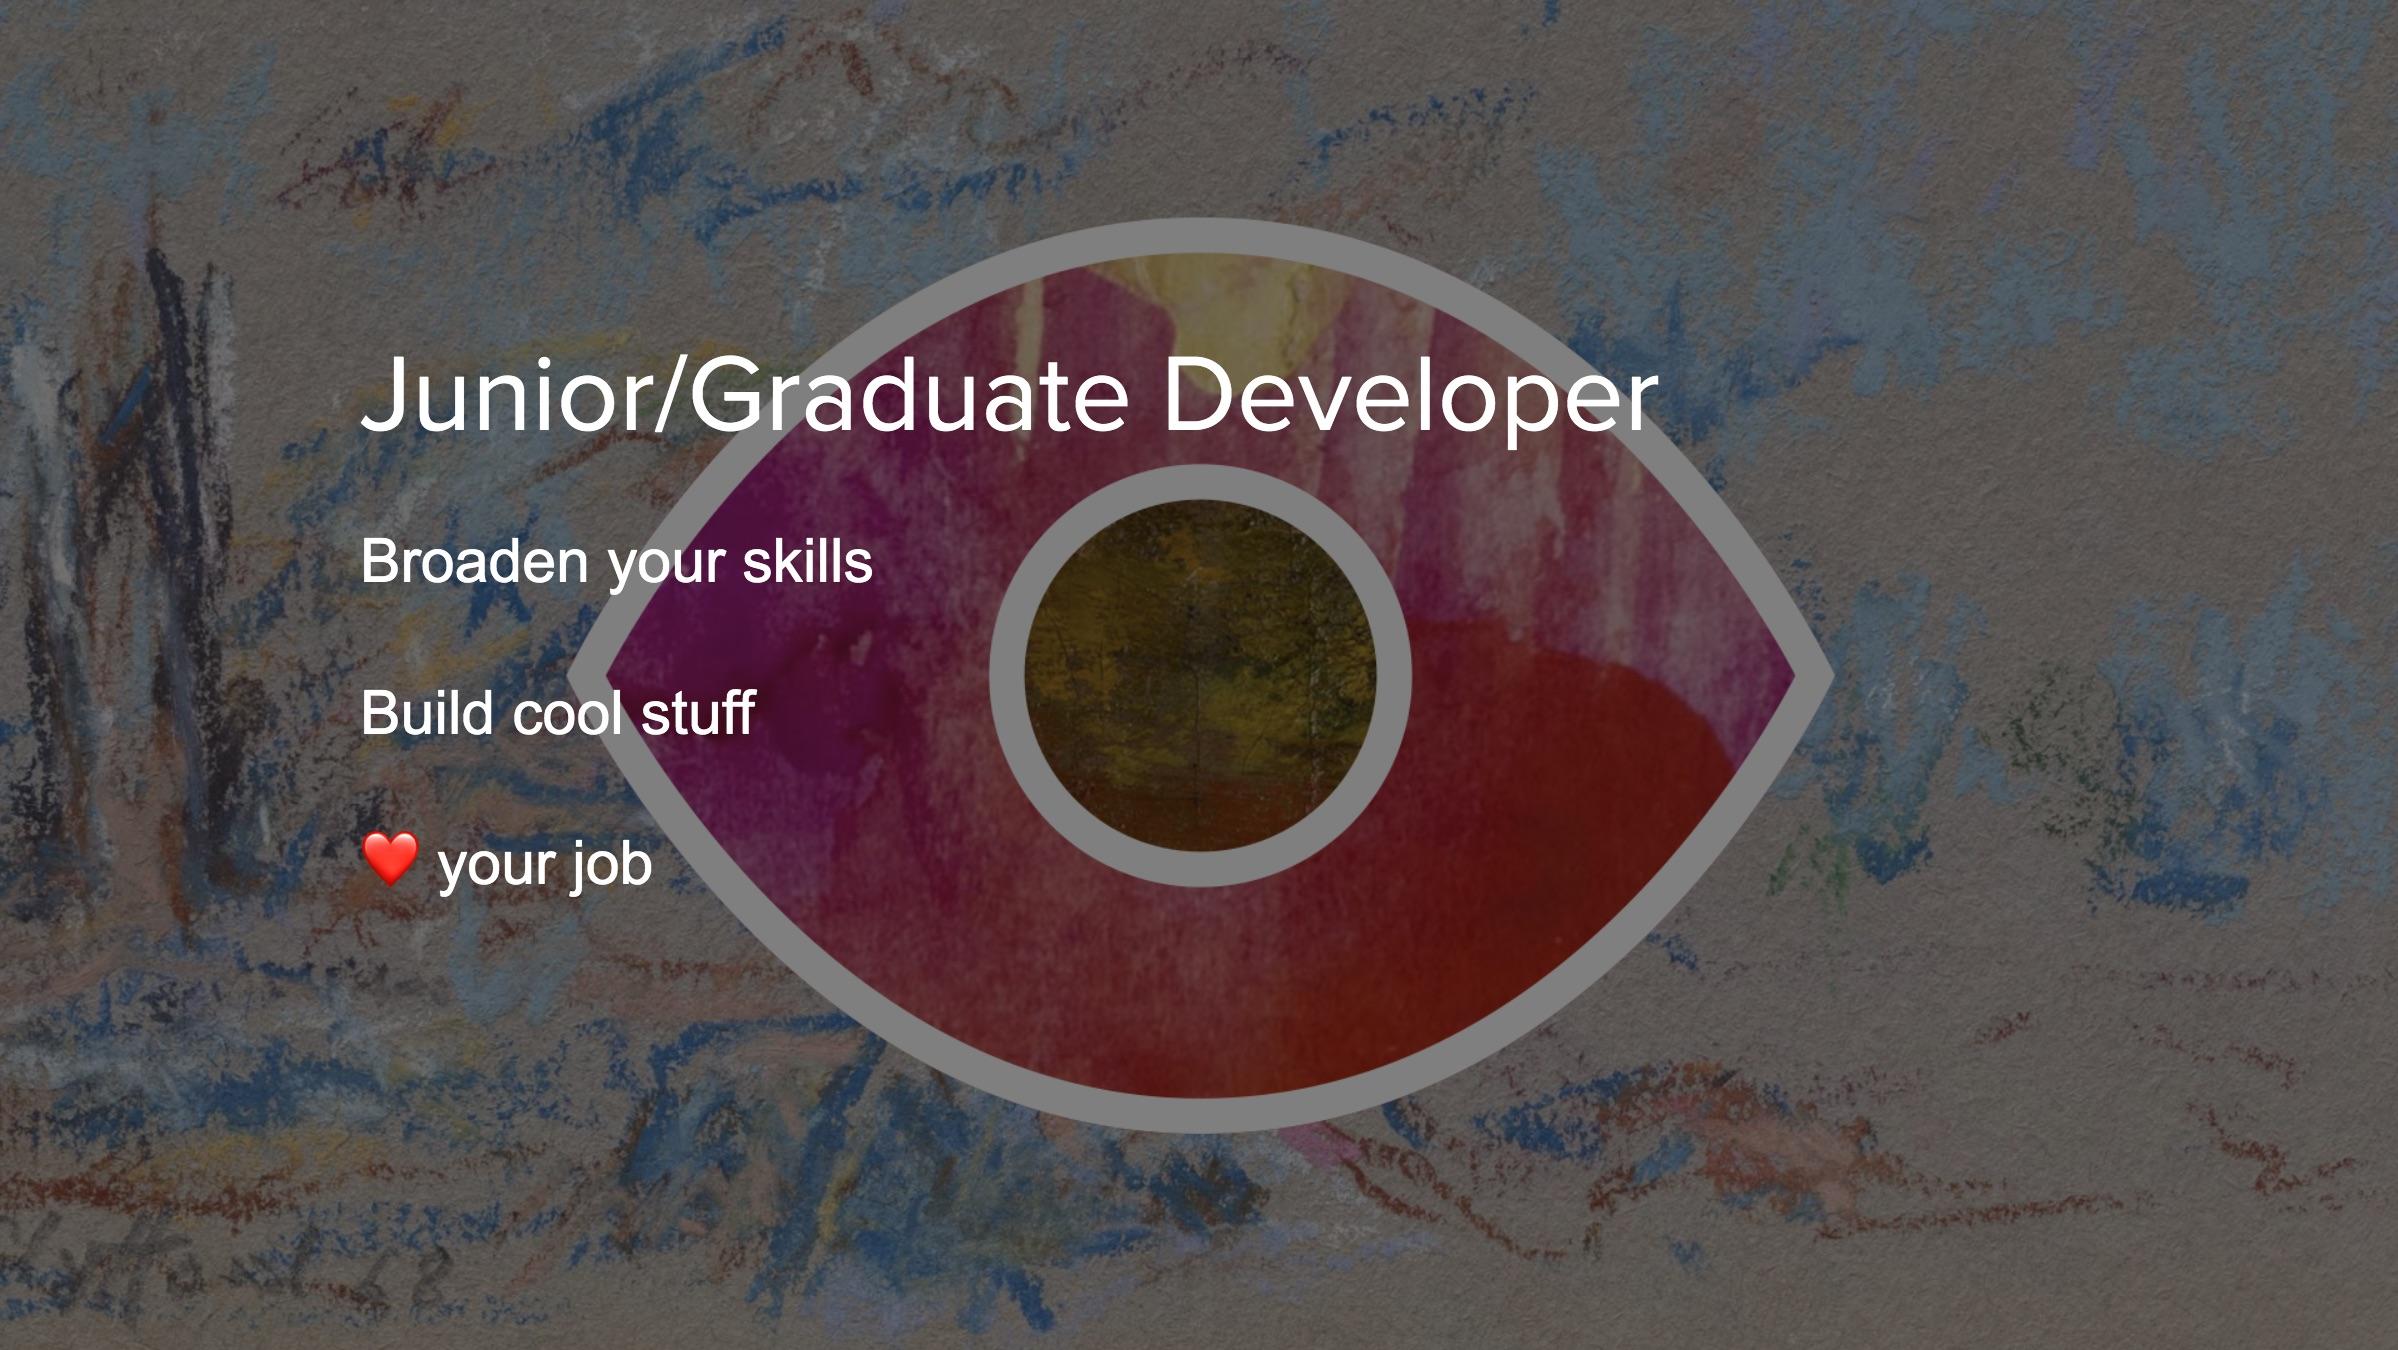 Broaden your skills, build cool stuff, love your job.